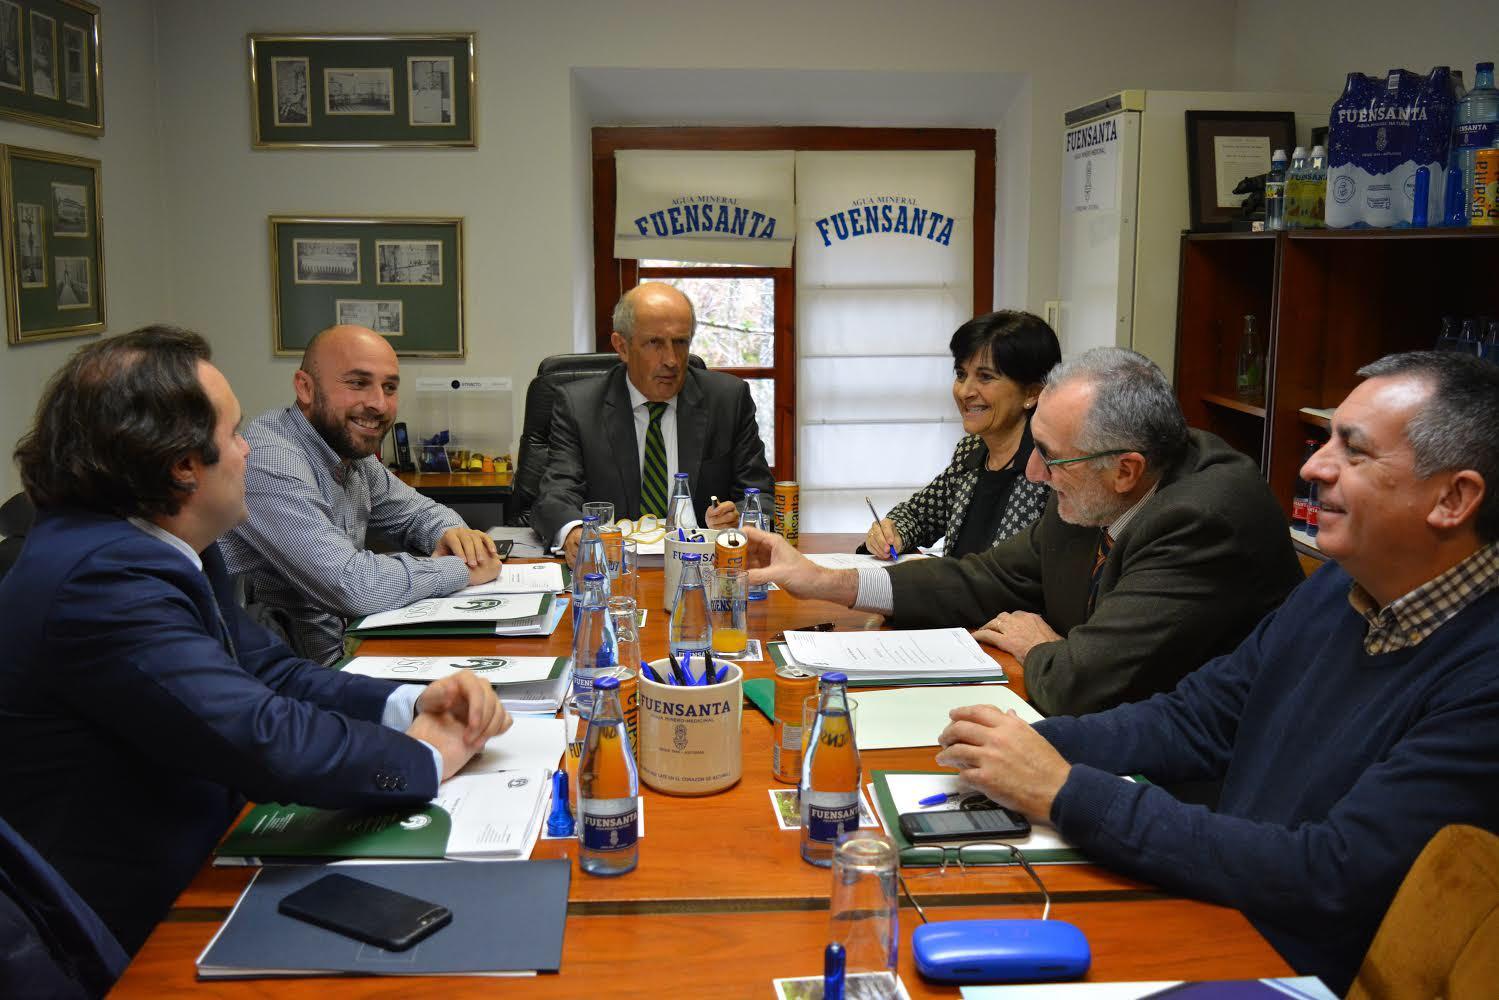 Reunión del patronato de la Fundación Oso de Asturias en el Balneario de Fuensanta